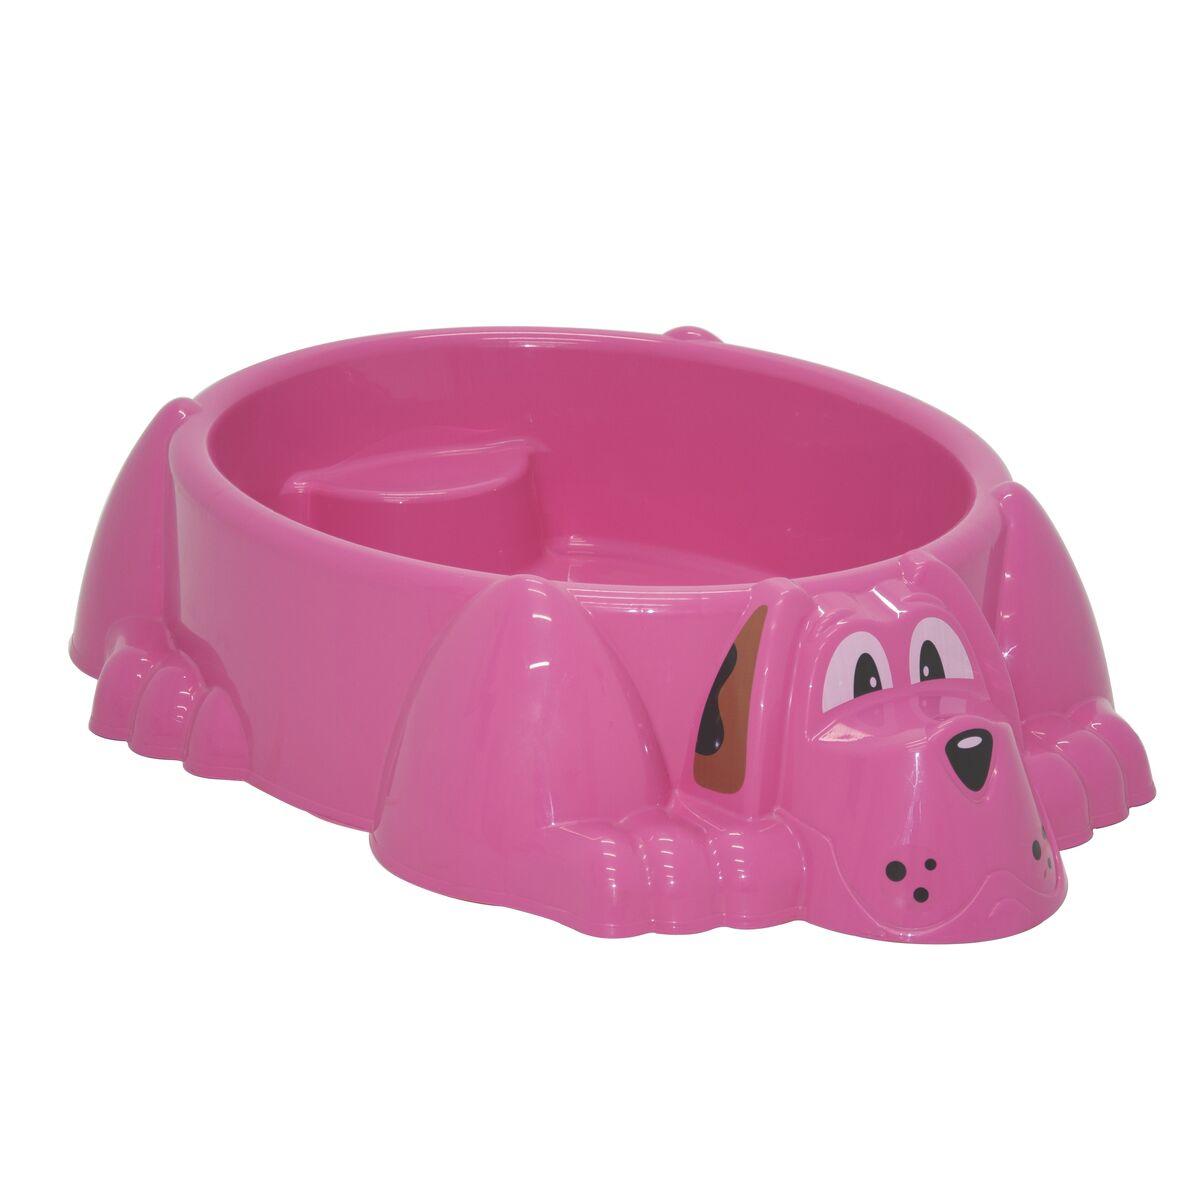 Tramontina Aquadog Pink Paddling Pool with Seat